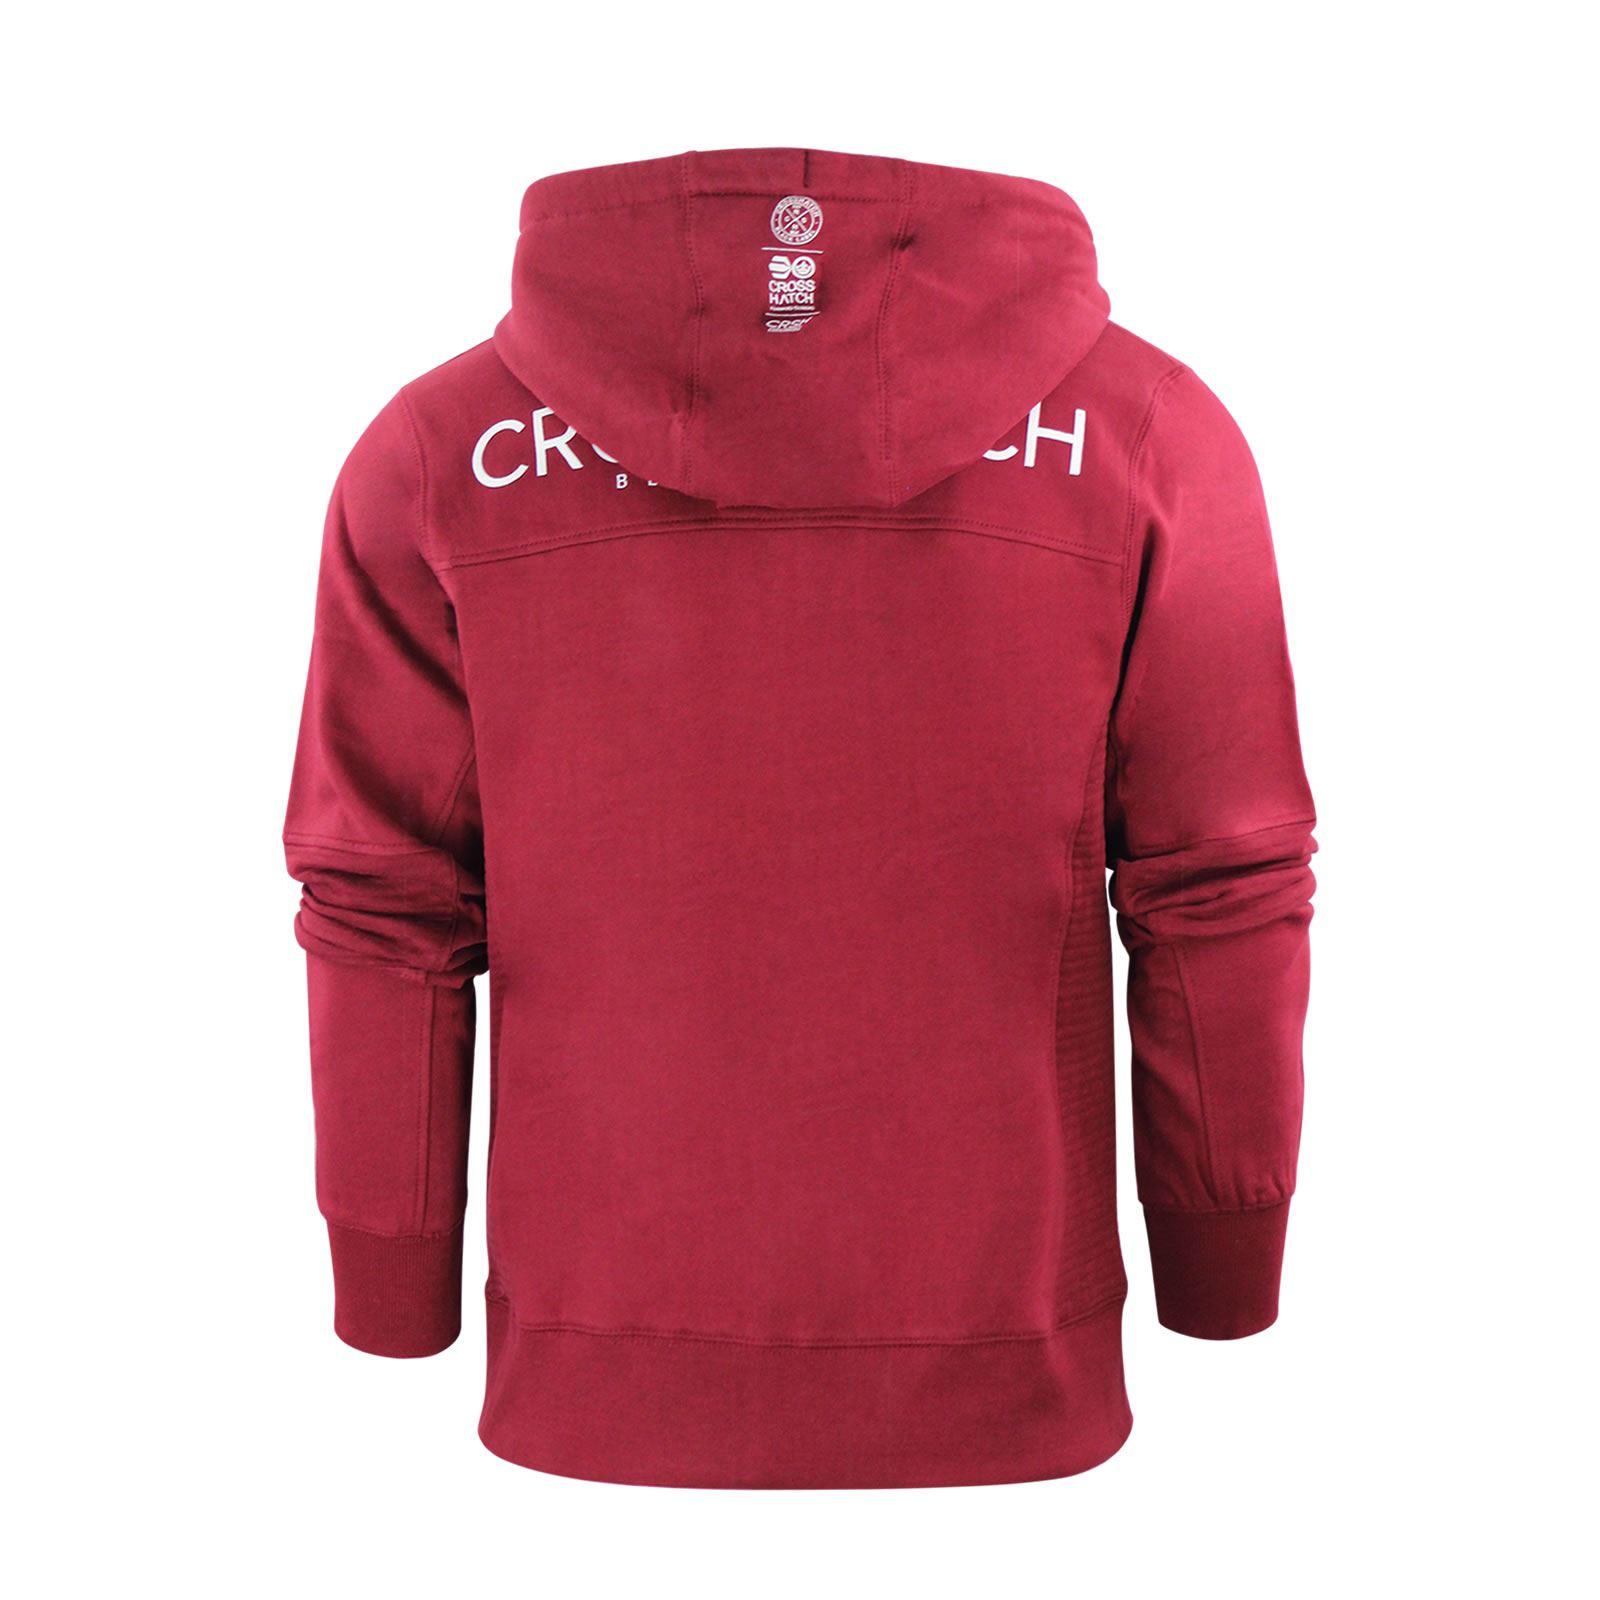 Mens-Hoodie-Crosshatch-Ribbler-Zip-Up-Hooded-Jacket-Pullover-Jumper-Sweatershirt thumbnail 22